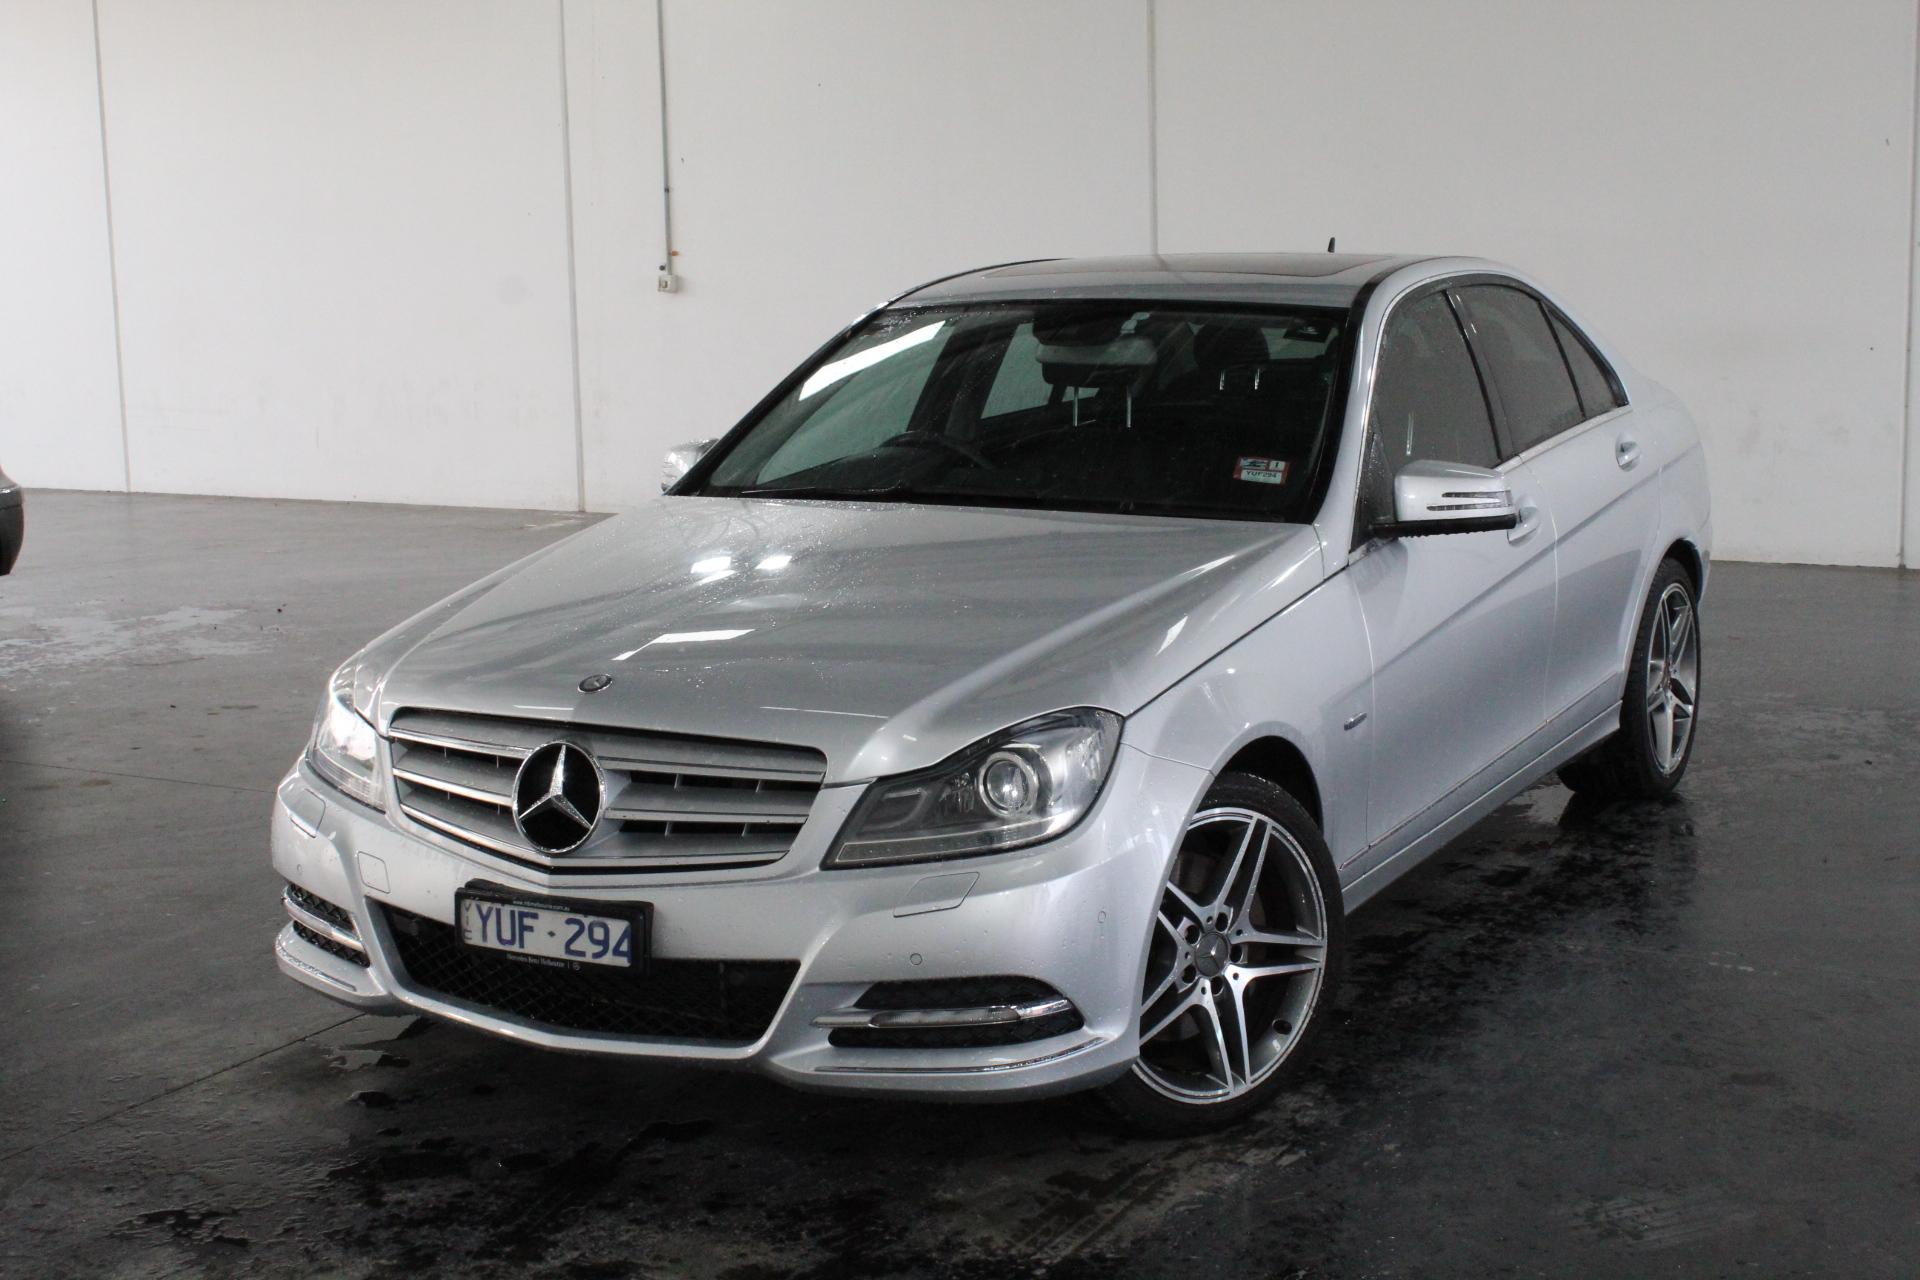 2011 Mercedes Benz C300 BE Elegance W204 (RWC ISSUED 30-3-20)